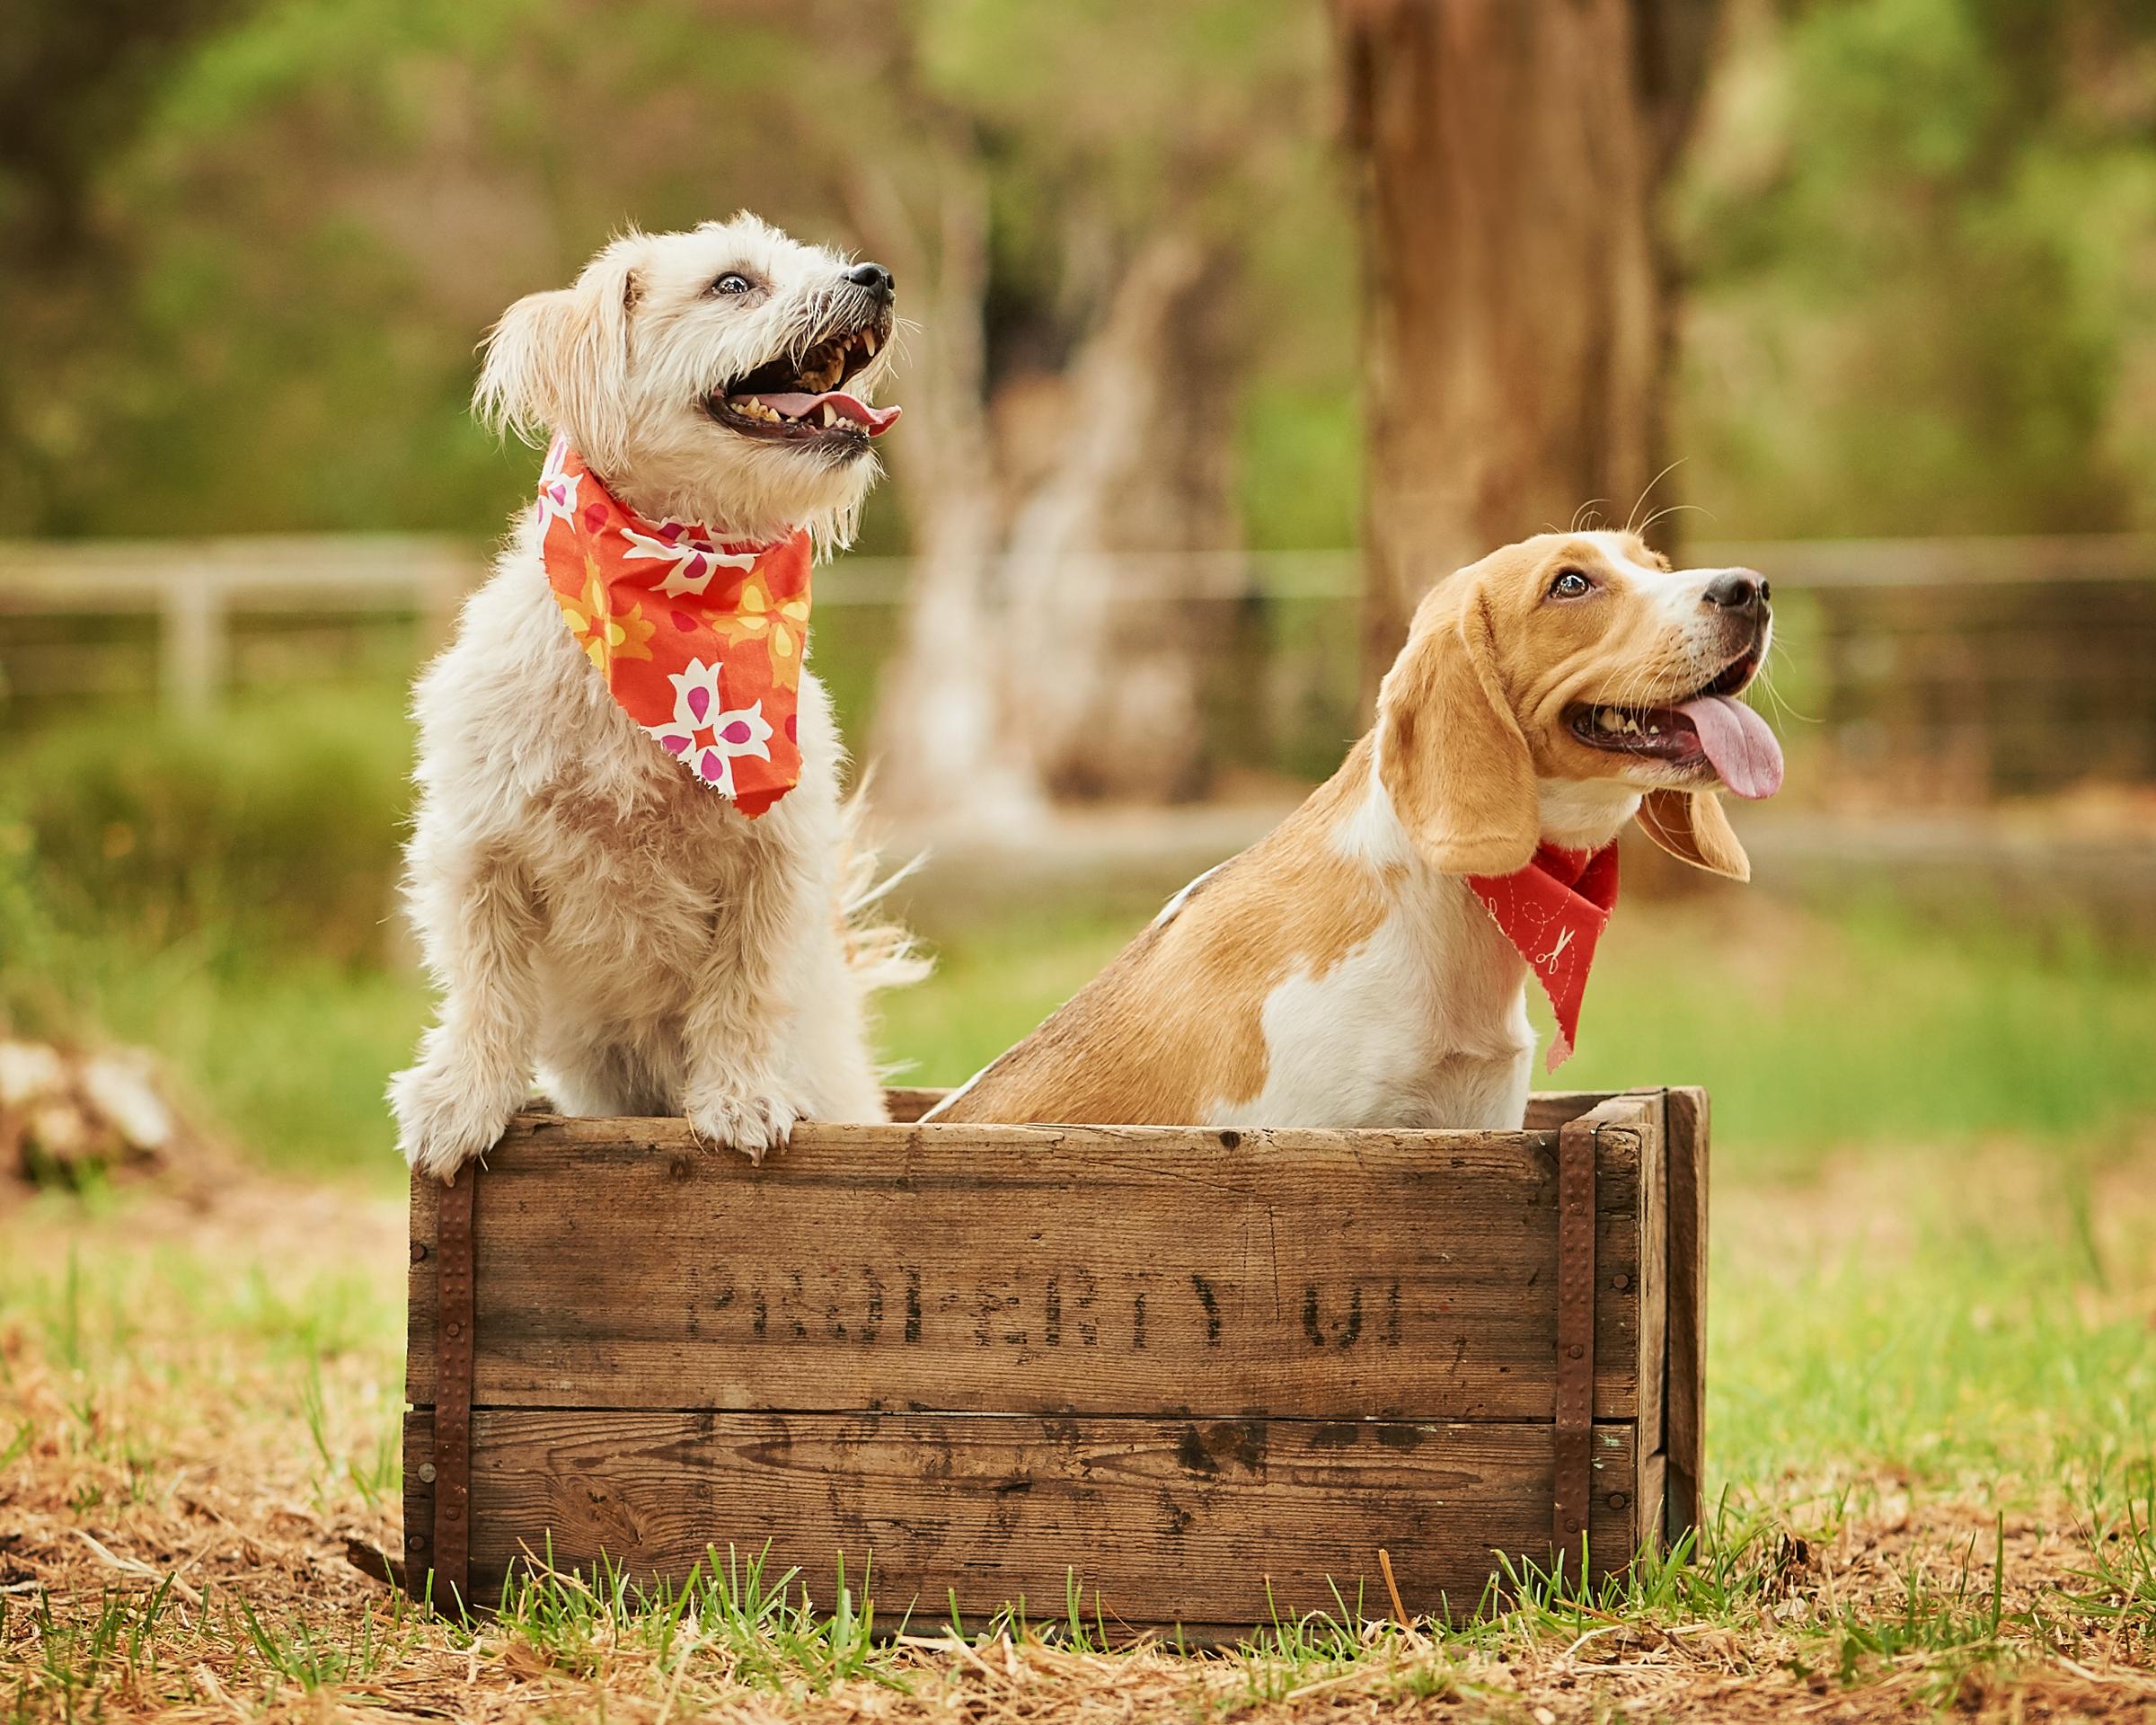 beagle_pet_dog_four_paws_portrait